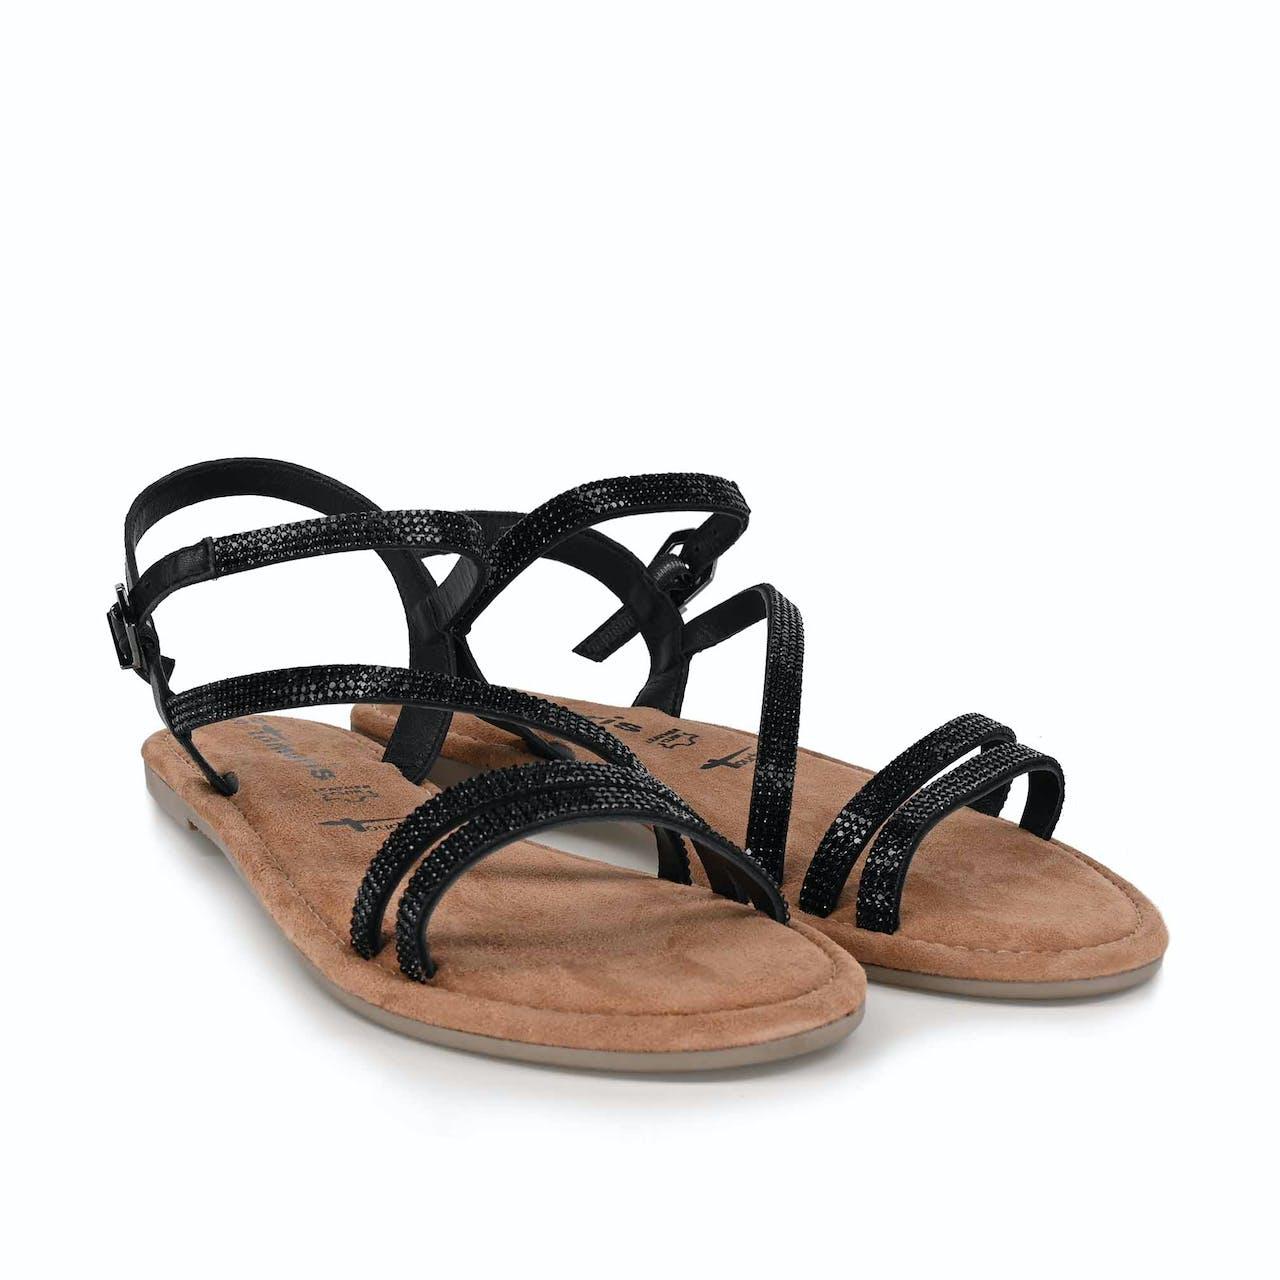 Sandalette - 30 mm